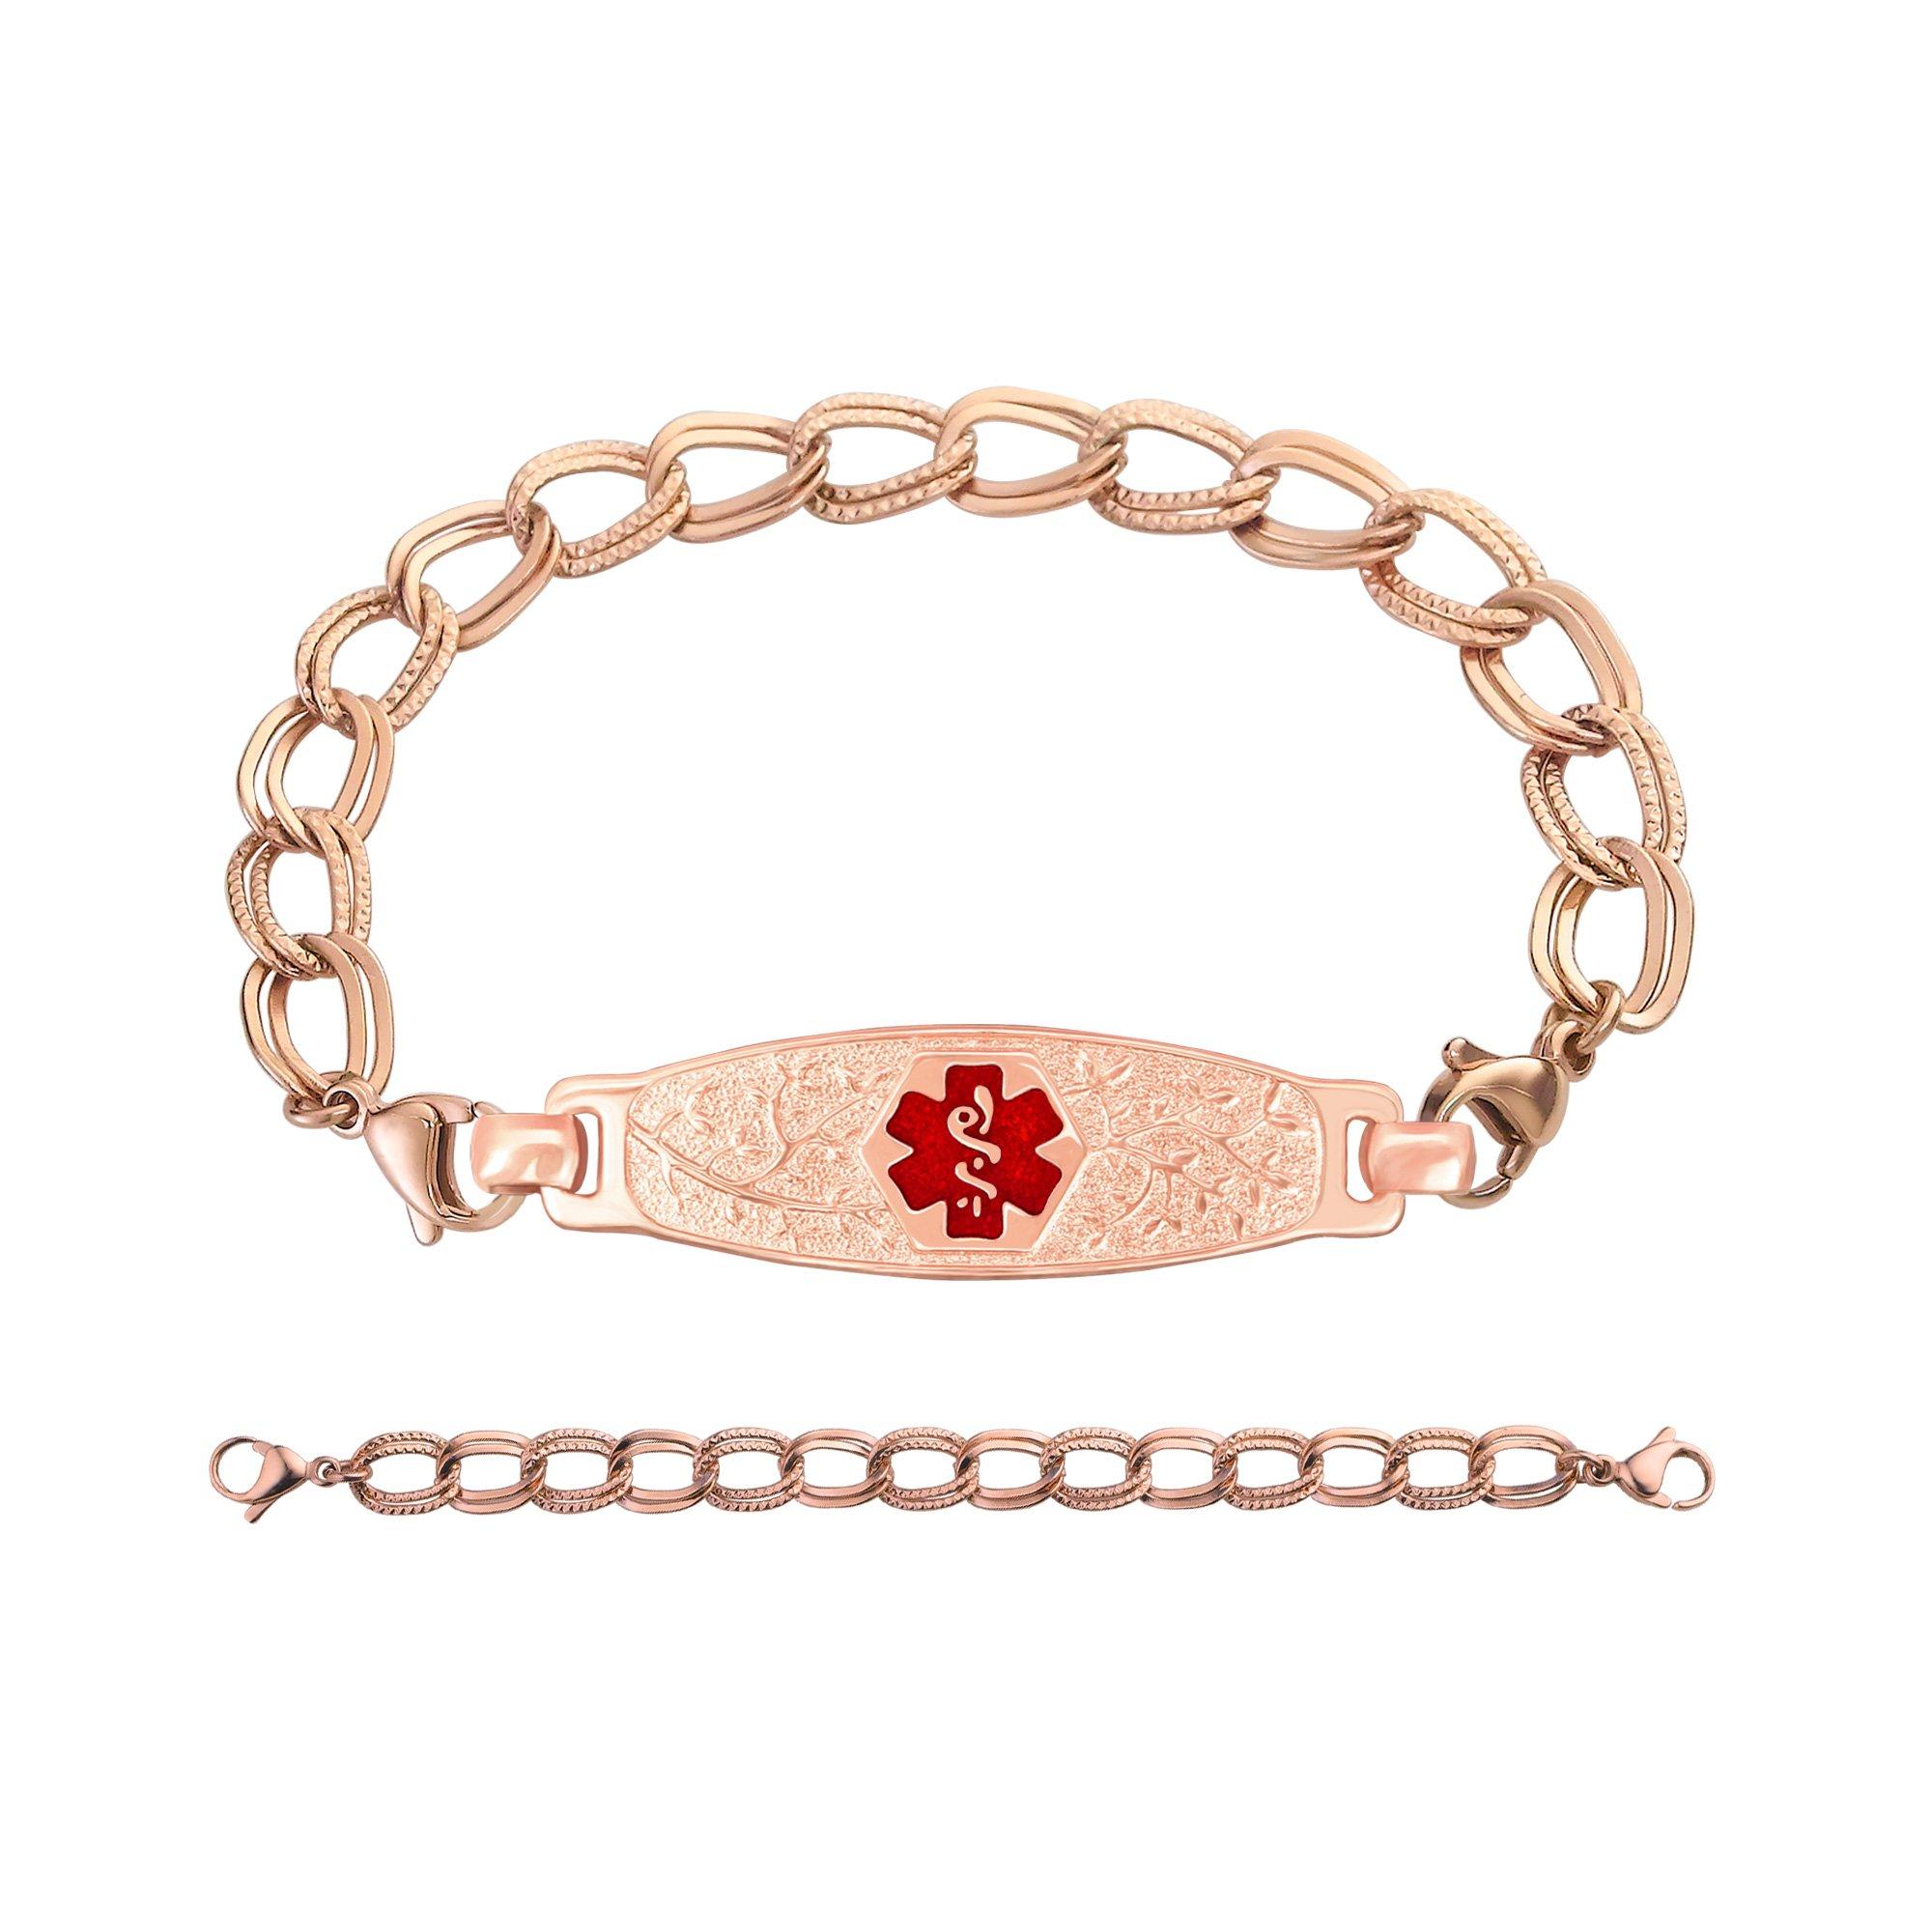 Divoti Deep Custom Laser Engraved PVD Rose Gold Elegant Olive Medical Alert Bracelet -PVD Rose Gold Double Link-TP Red-7.0''